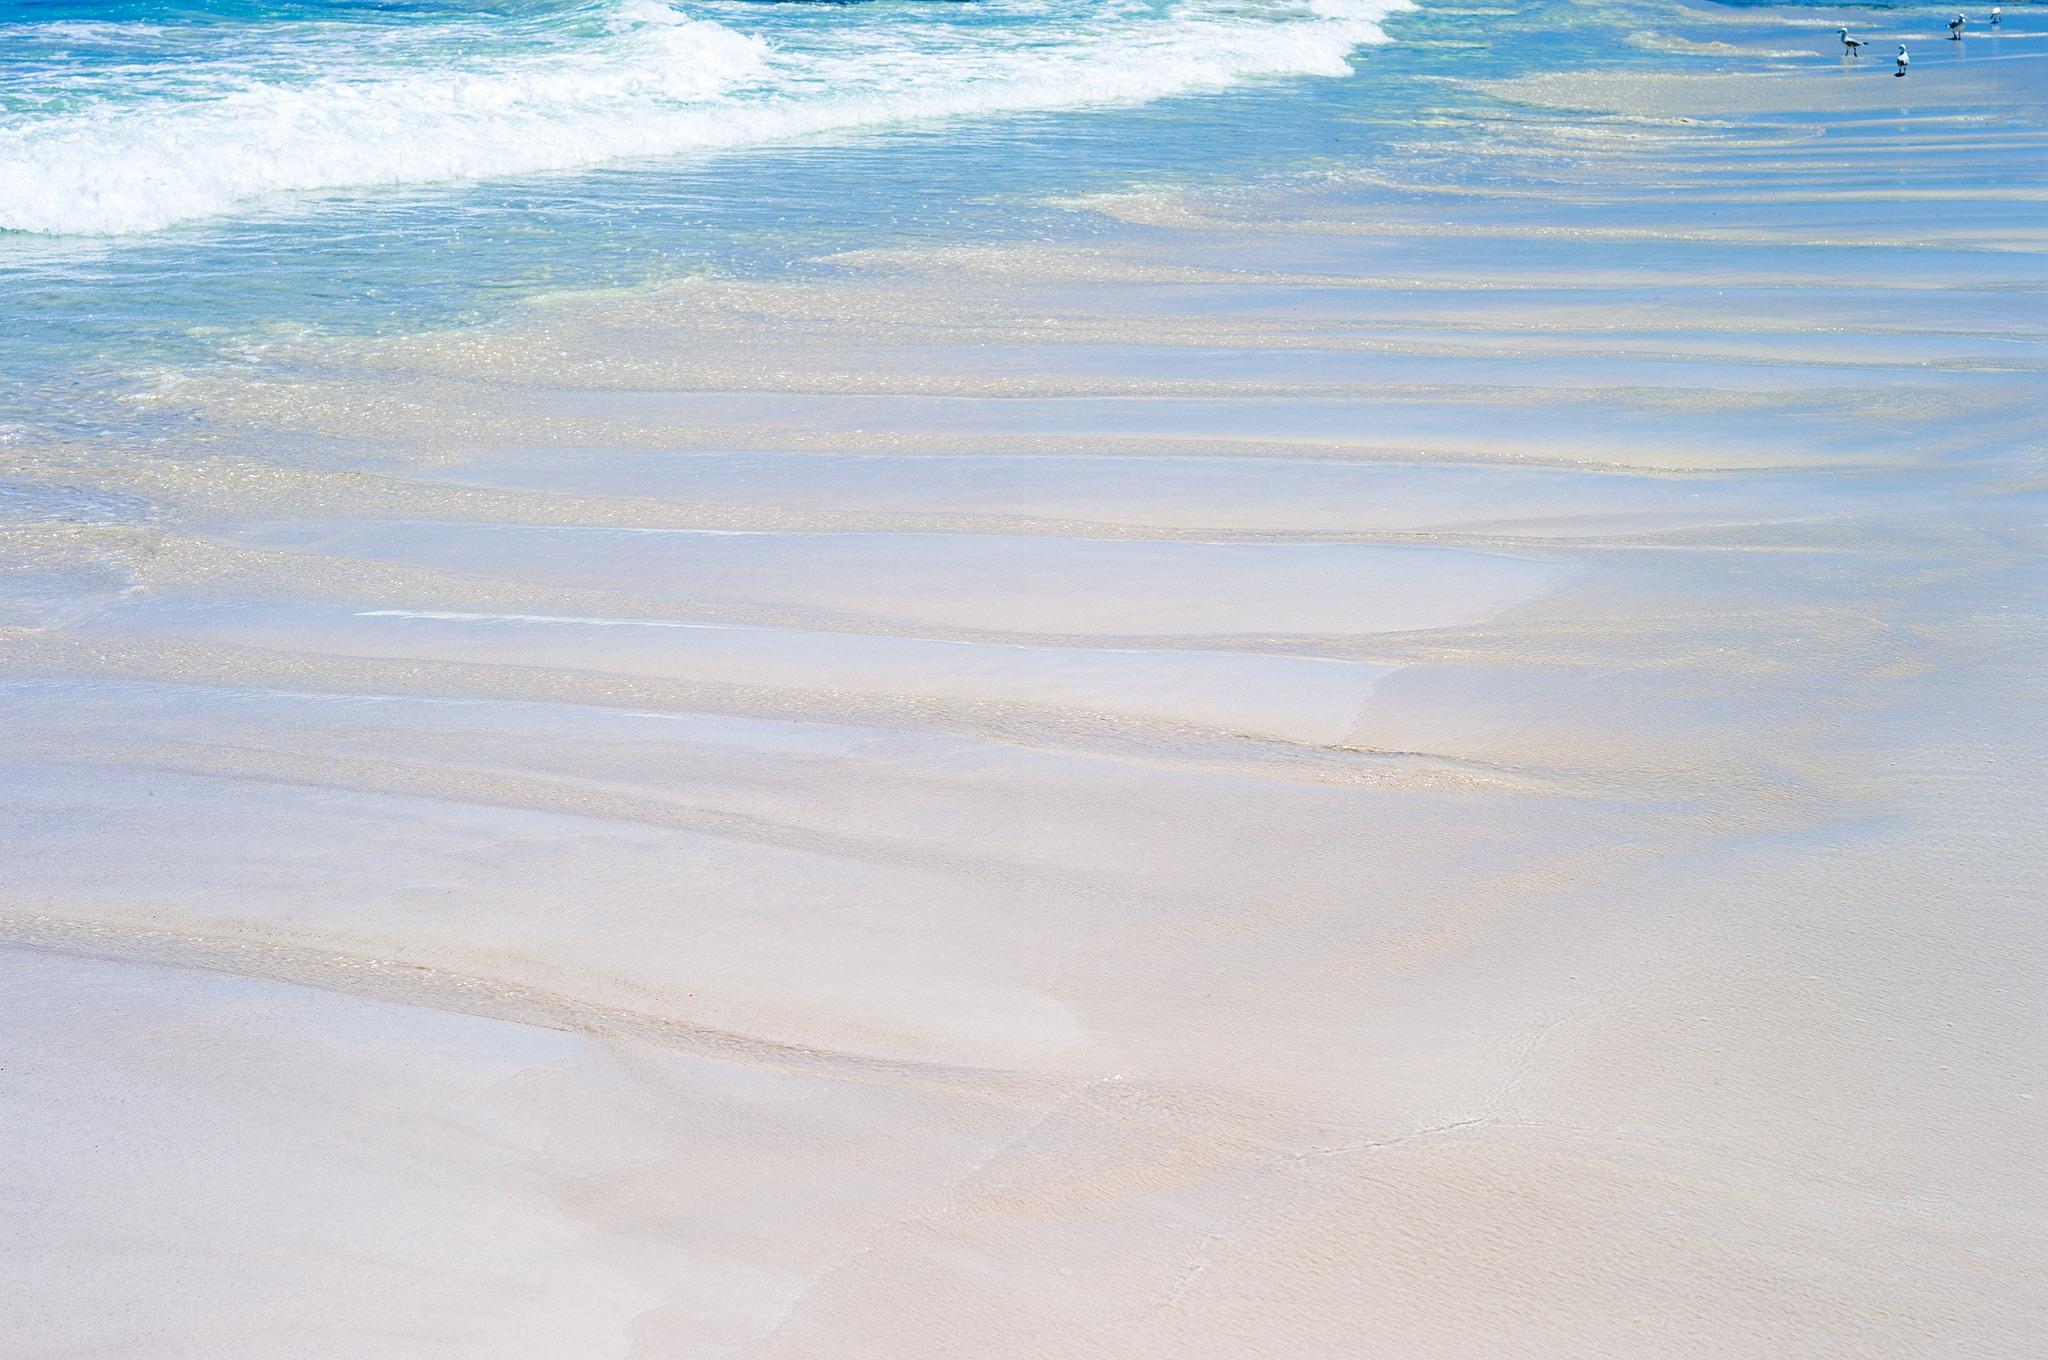 Mullaloo Beach Perth